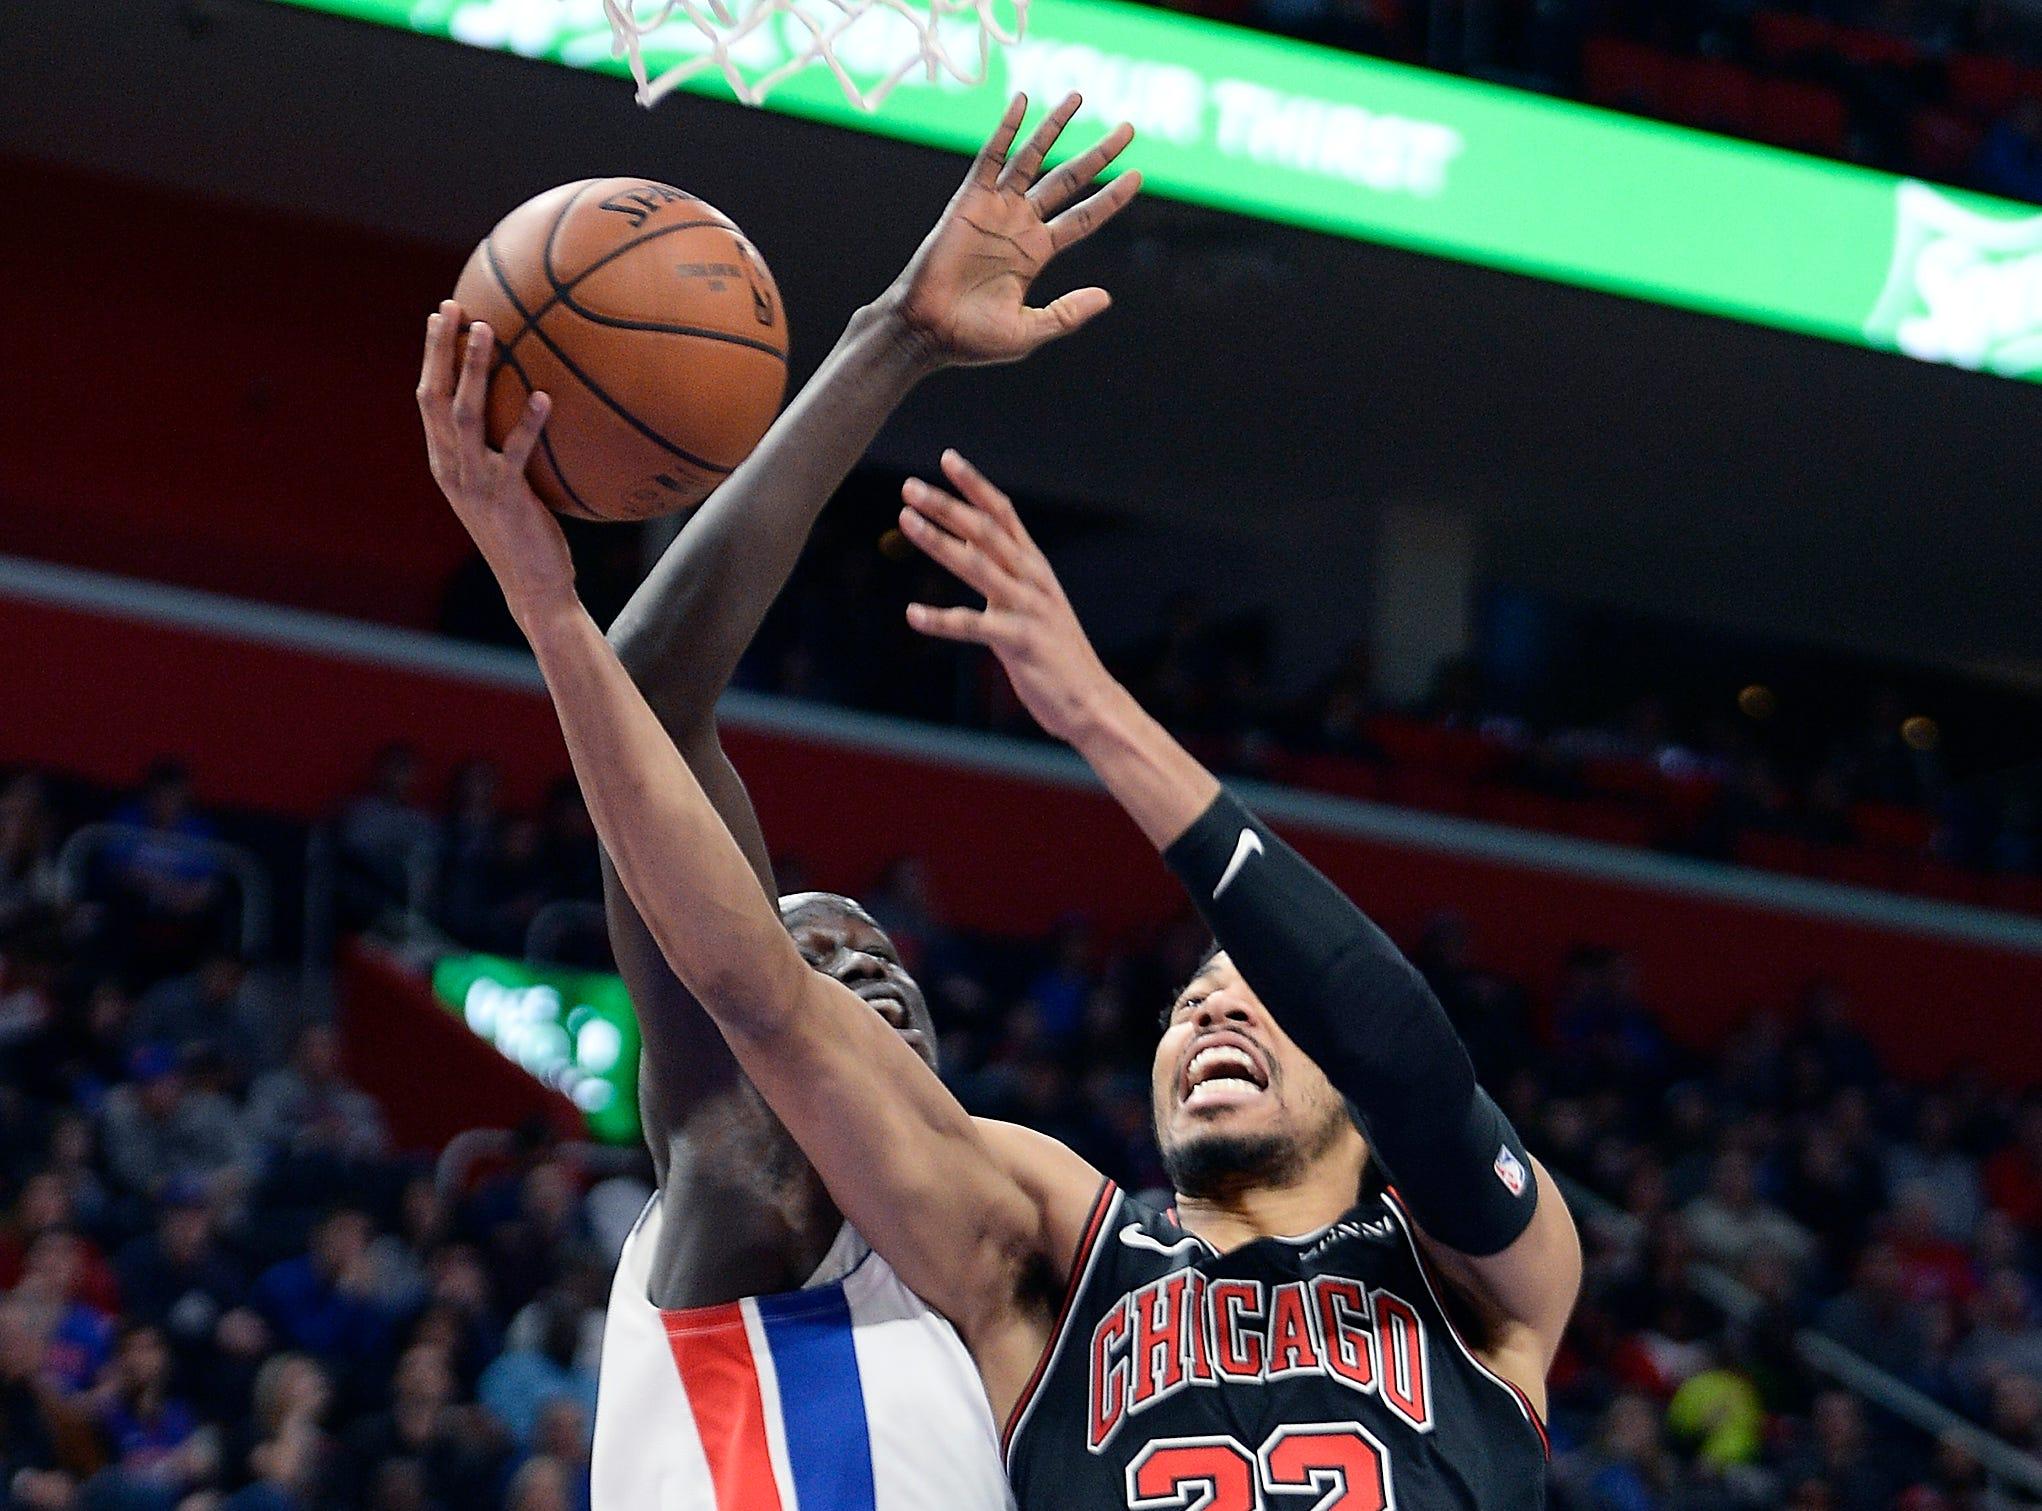 Pistons' Thon Maker blocks the shot of Bulls' Otto Porter Jr. in the second quarter.